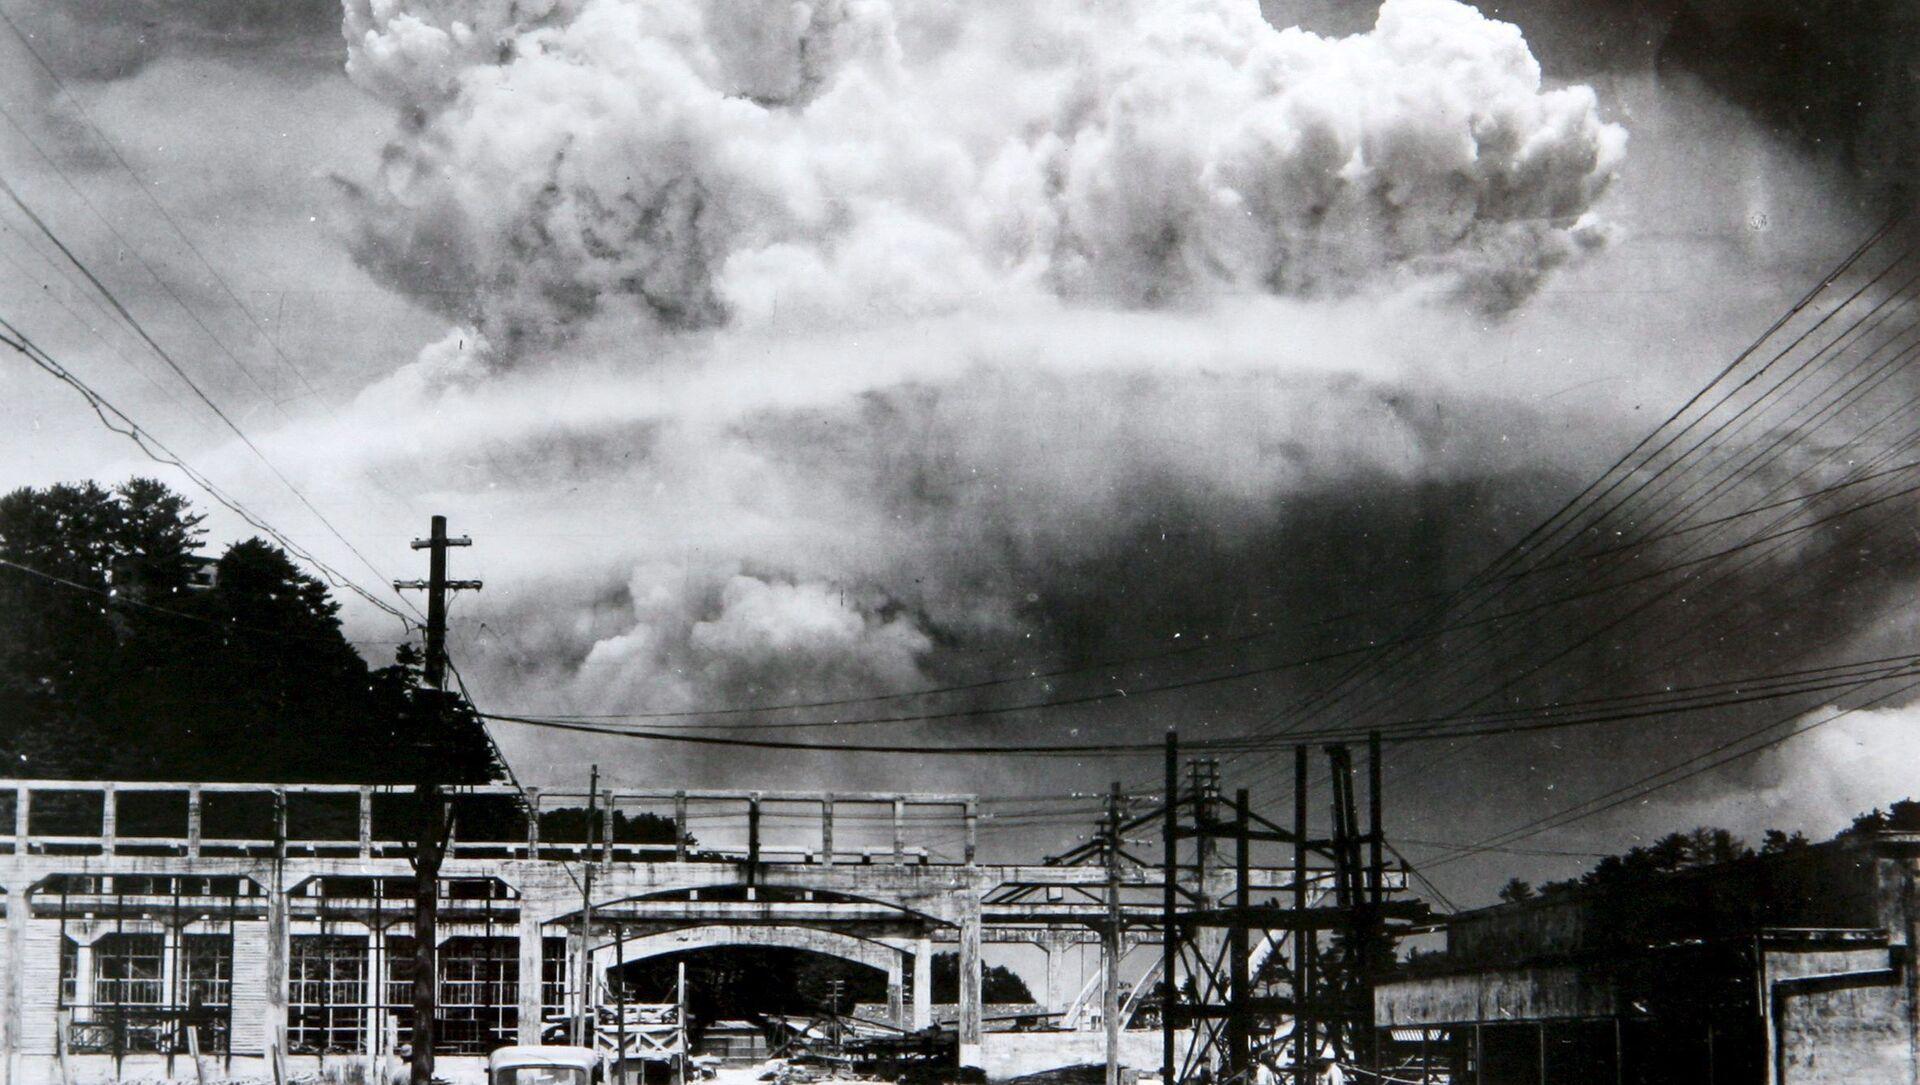 Le bombardement atomique à Nagasaki - Sputnik France, 1920, 09.08.2021